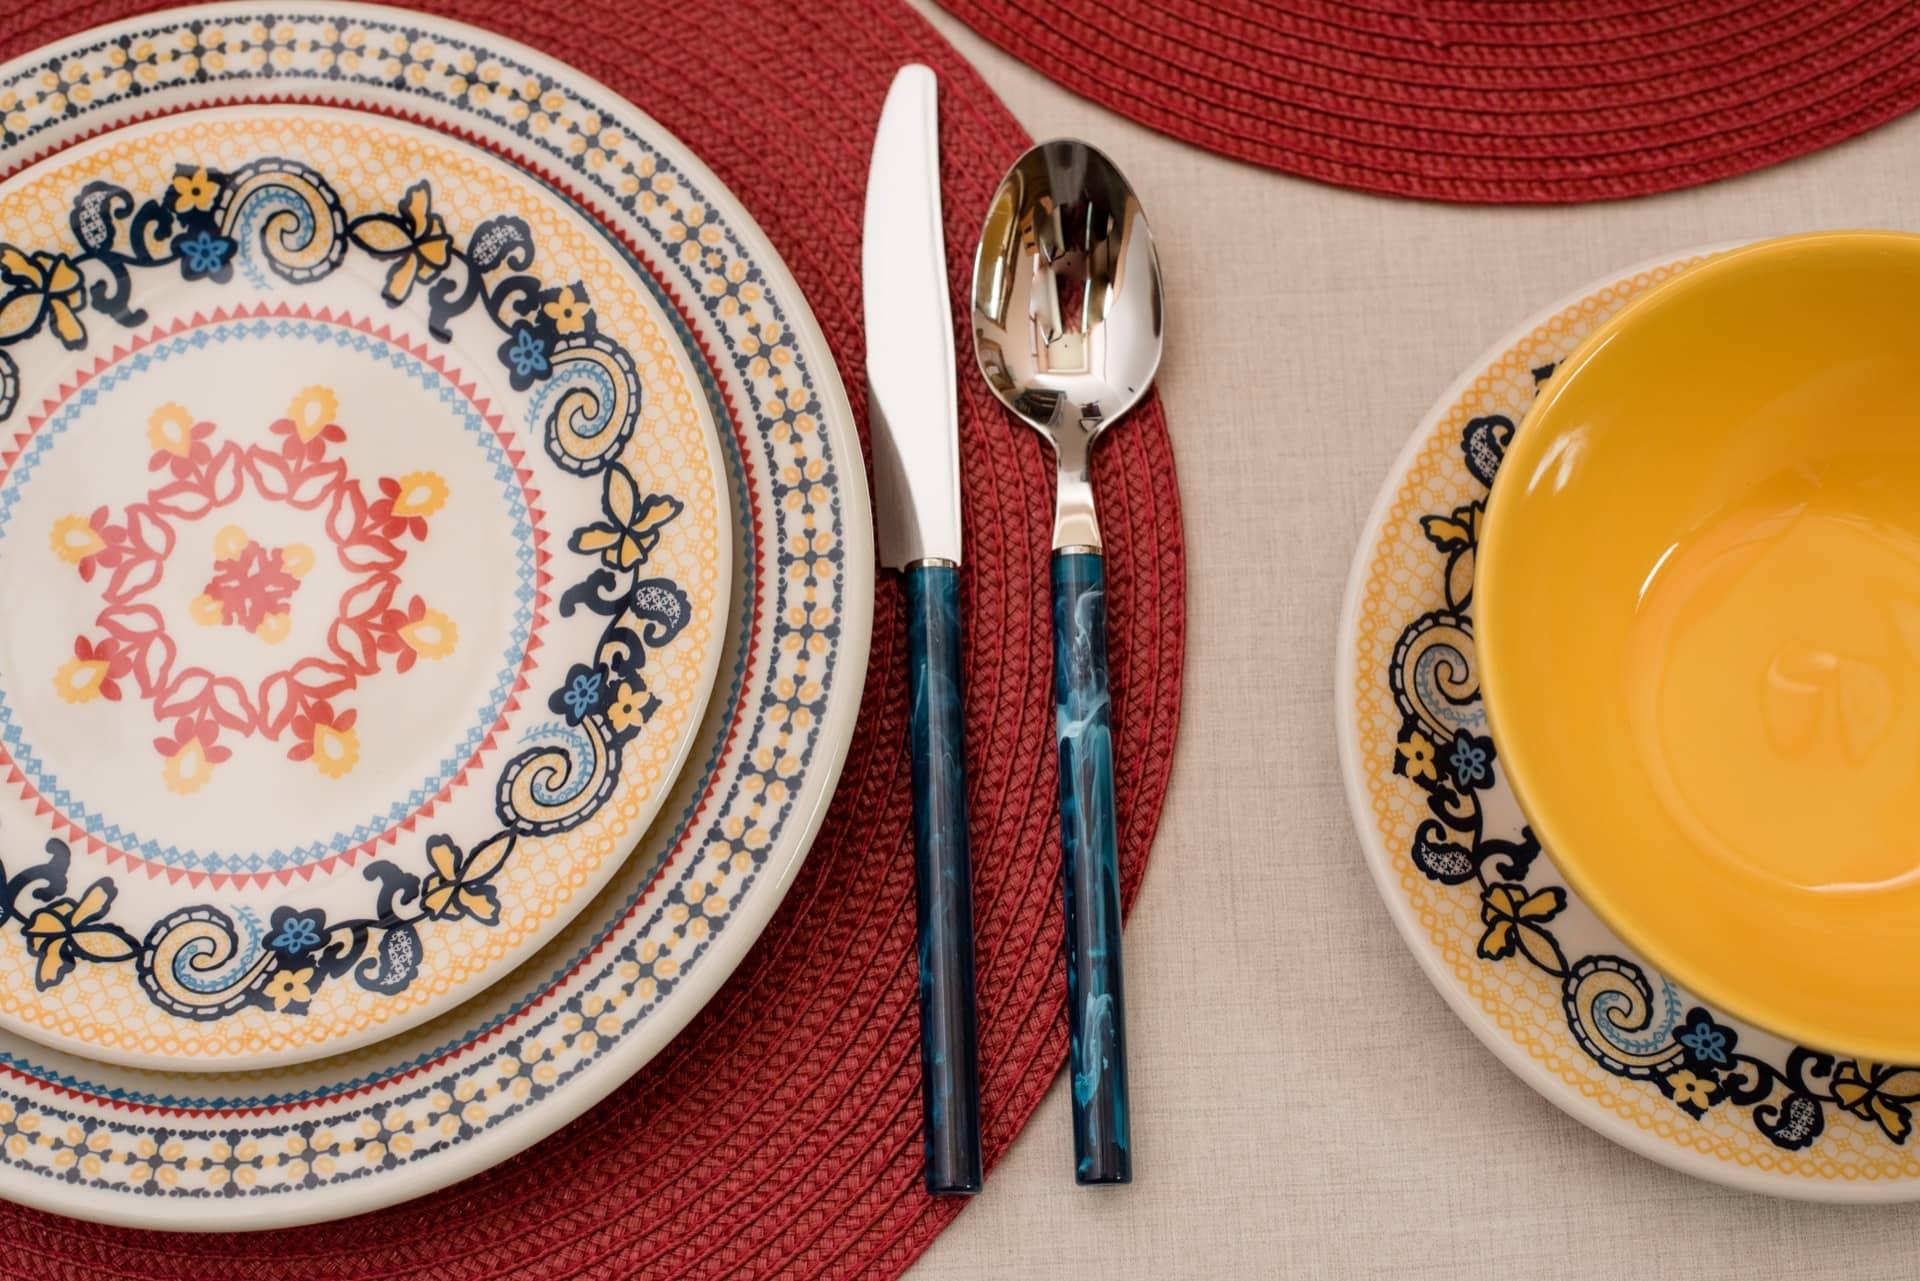 Imagem: Os pratos de sobremesa e de jantar possuem desenhos diferentes, com arabescos e flores estilizadas que se harmonizam perfeitamente. As louças da coleção Floreal La Pollera podem ser encontradas na loja online da Oxford e em lojas físicas de todo Brasil. Foto: Karla Rudnick